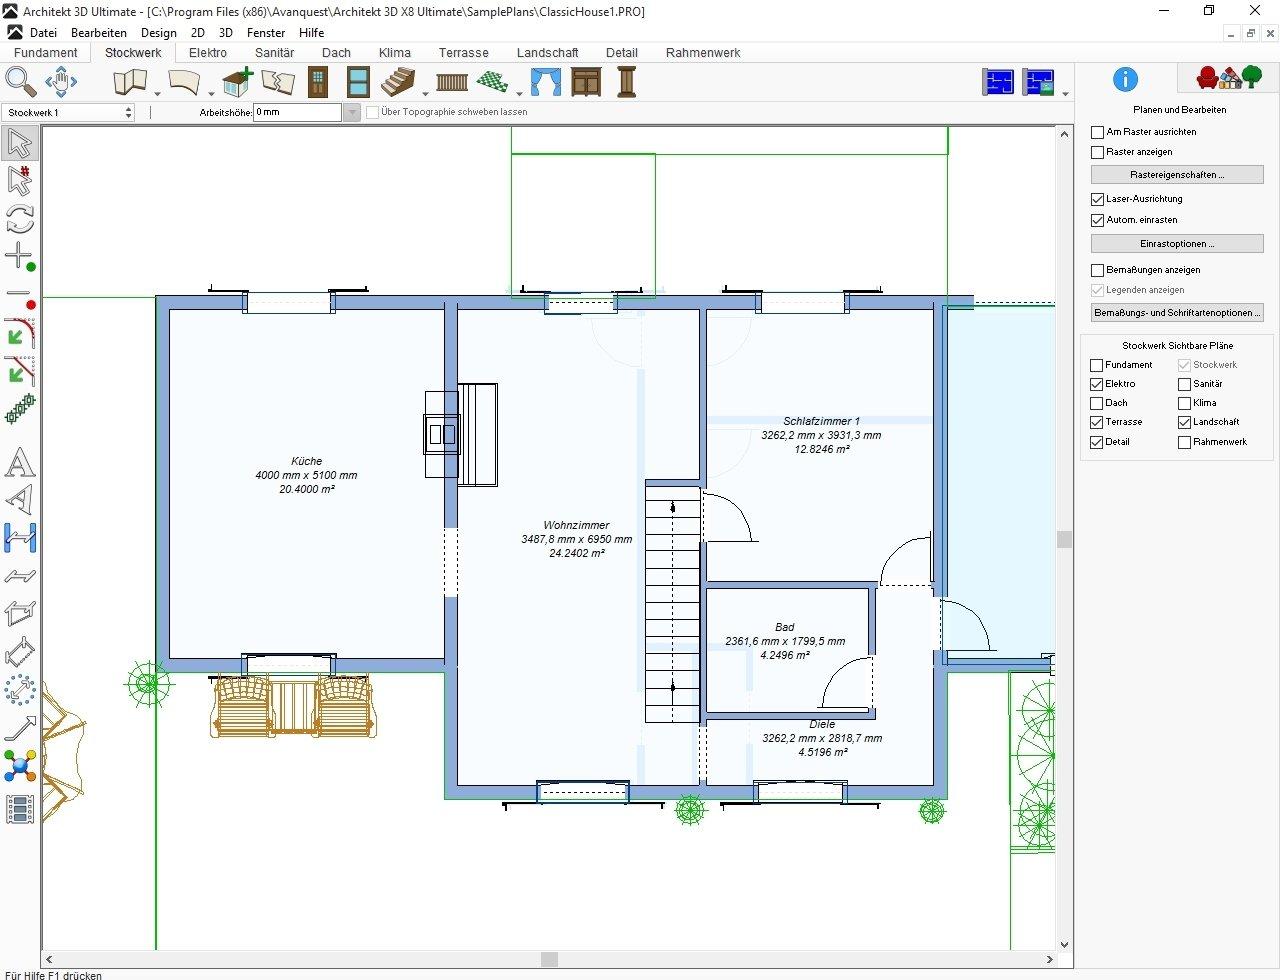 Architekt 3D X8 Ultimate: Amazon.de: Software